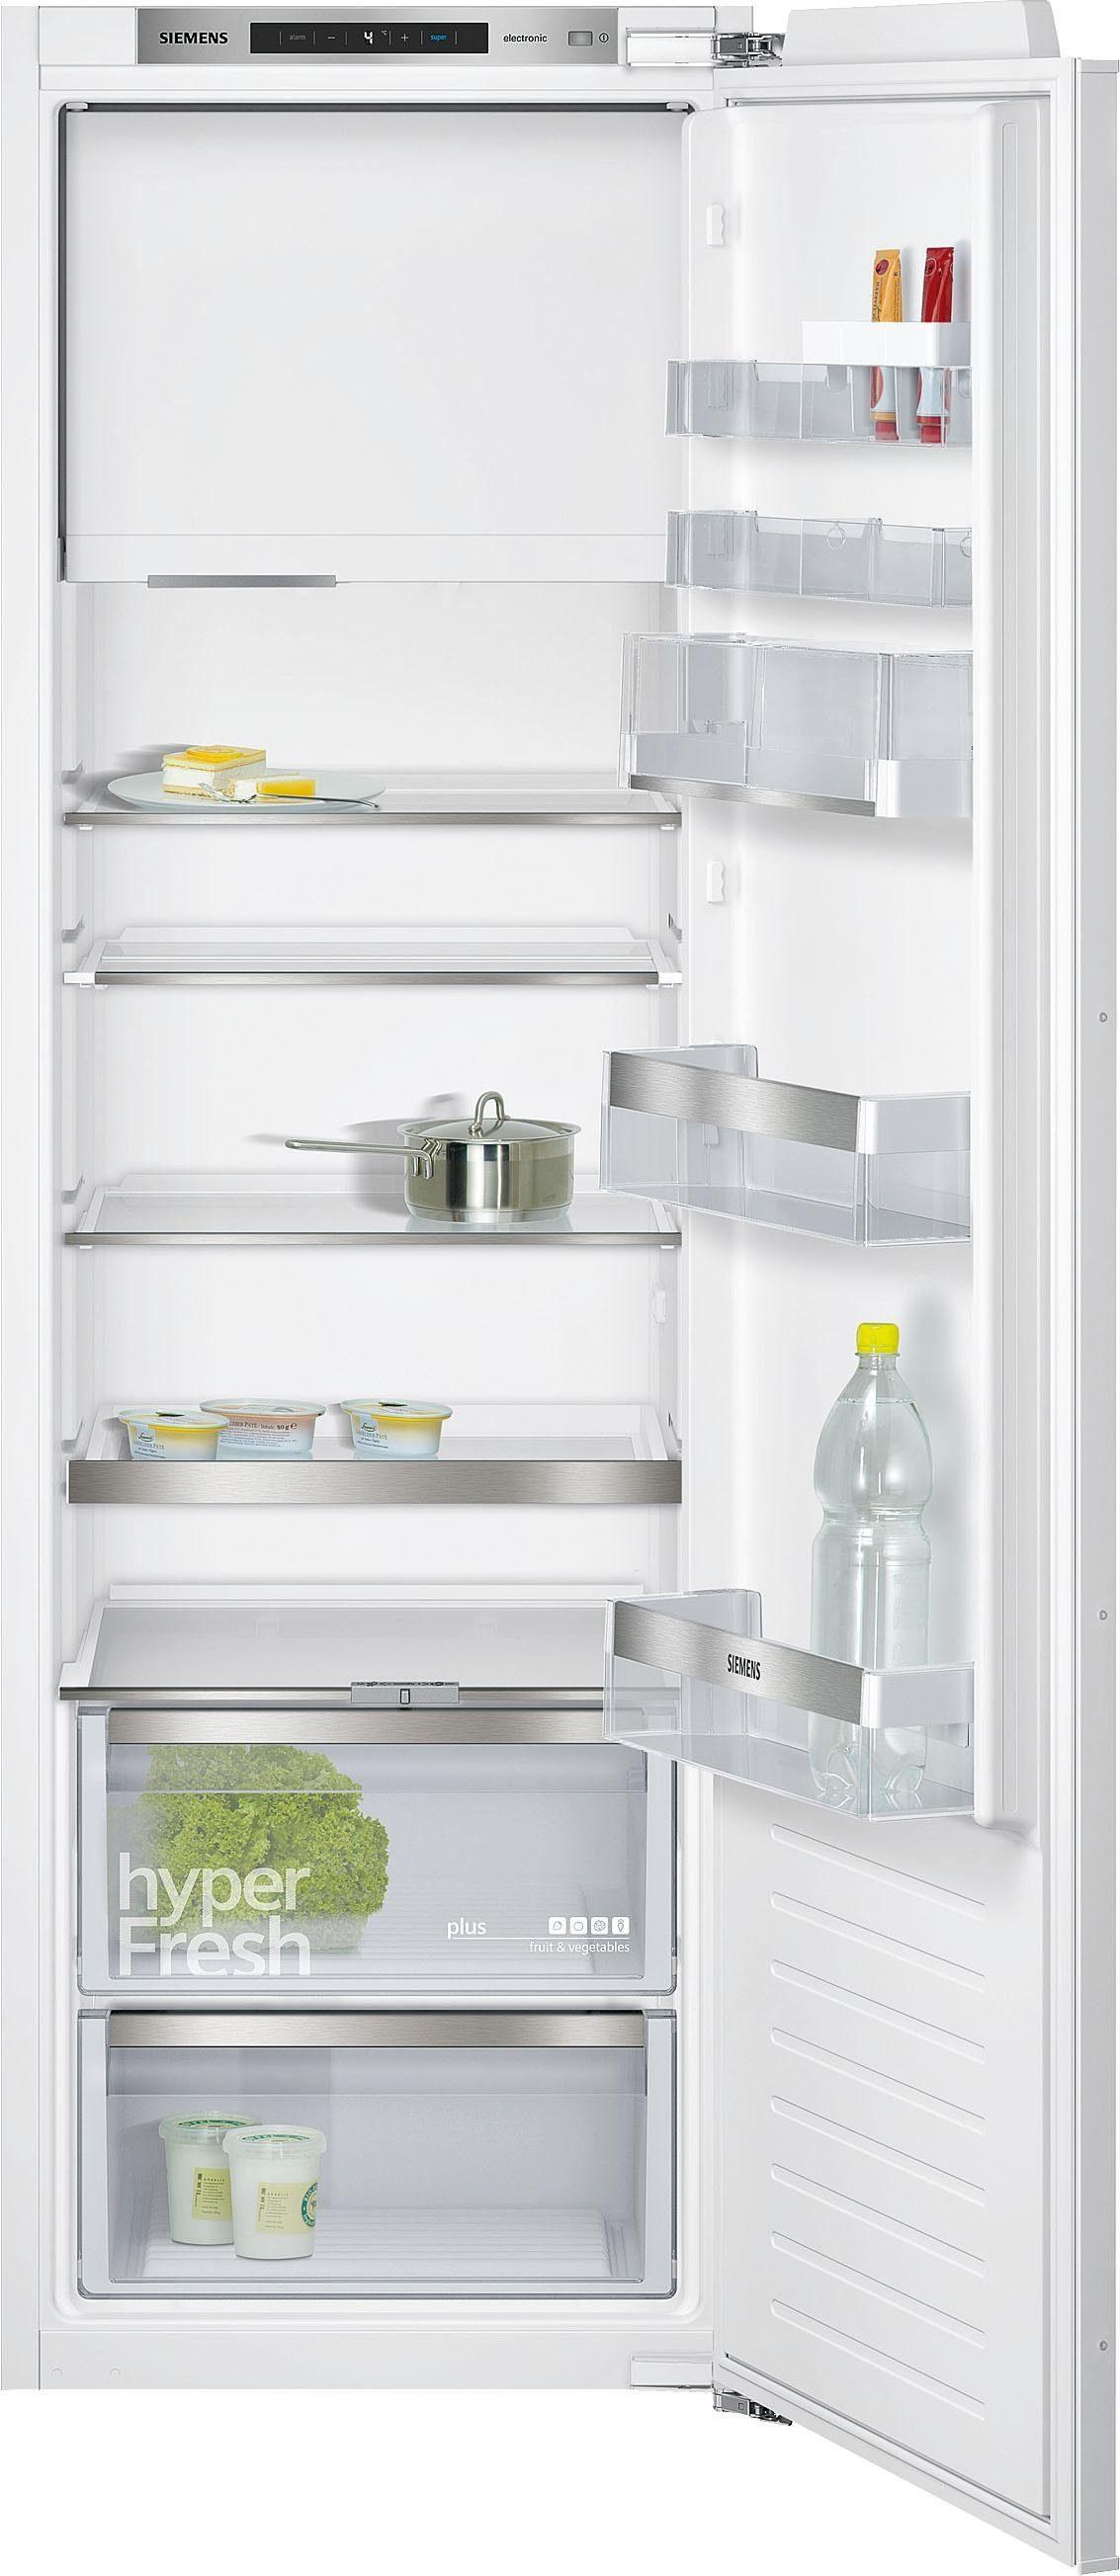 Siemens integrierbarer Einbaukühlschrank KI82LAD30, A++, 177,2 cm hoch